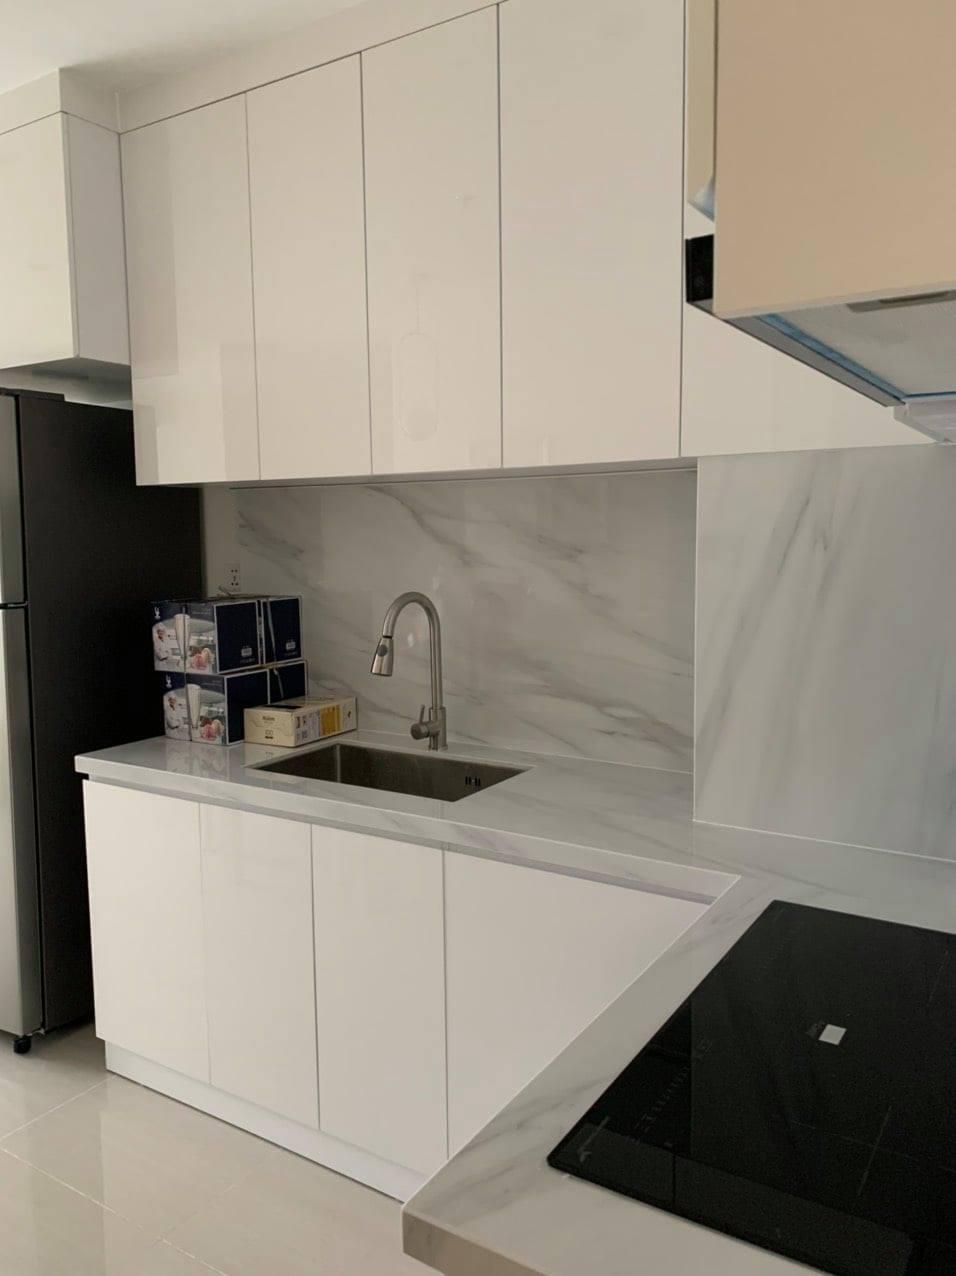 Căn hộ 3 phòng ngủ nội thất đầy đủ tầng 8 toà S3.02 giá 10tr/tháng 3